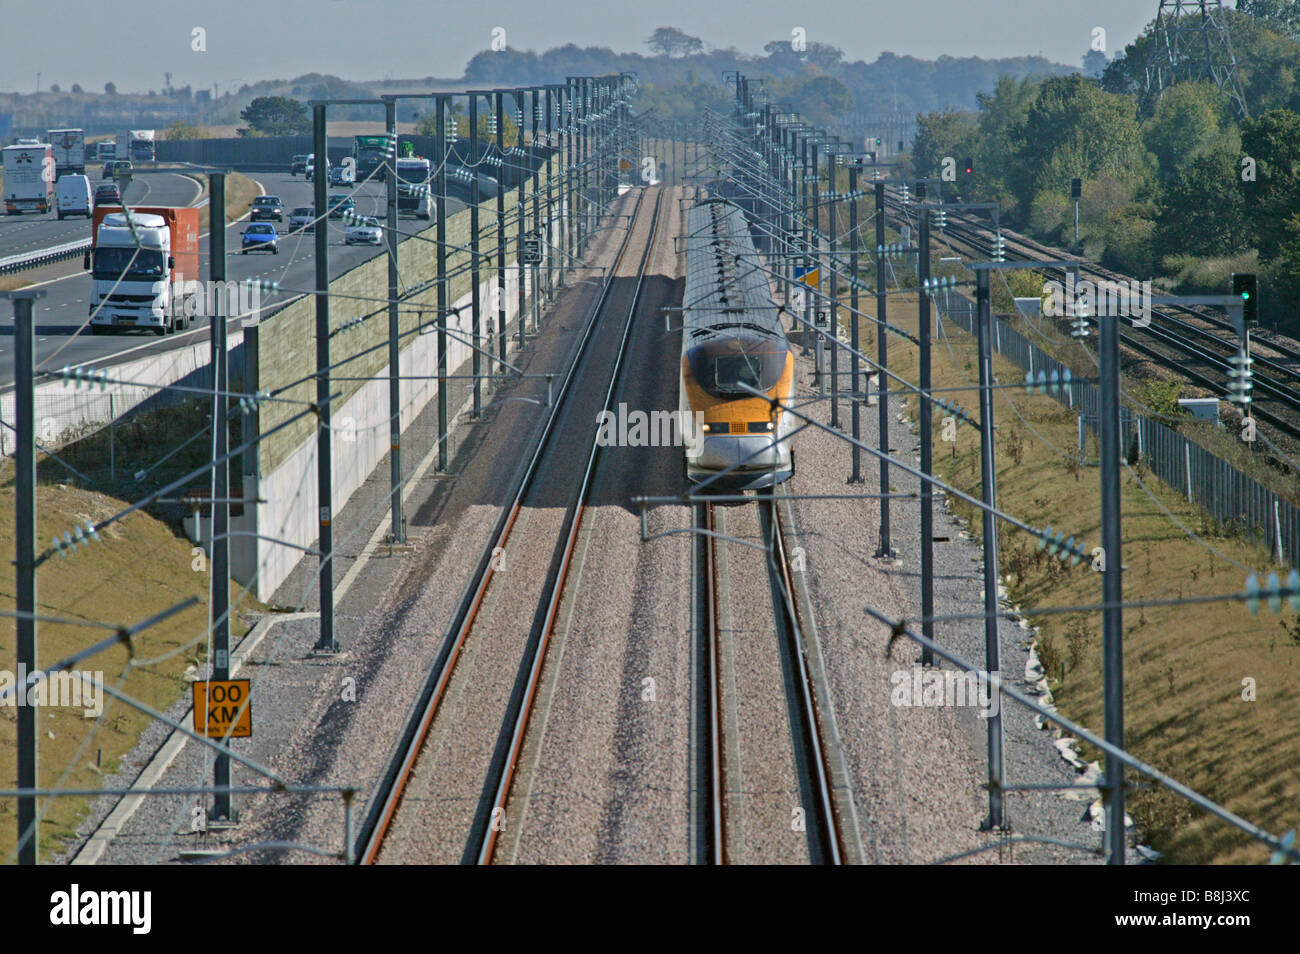 """Velocidades de Eurostar a través de un punto de anclaje """"congestionados"""" con la autopista M20 y la línea de ferrocarril nacional en el enlace ferroviario del Túnel del Canal. Foto de stock"""